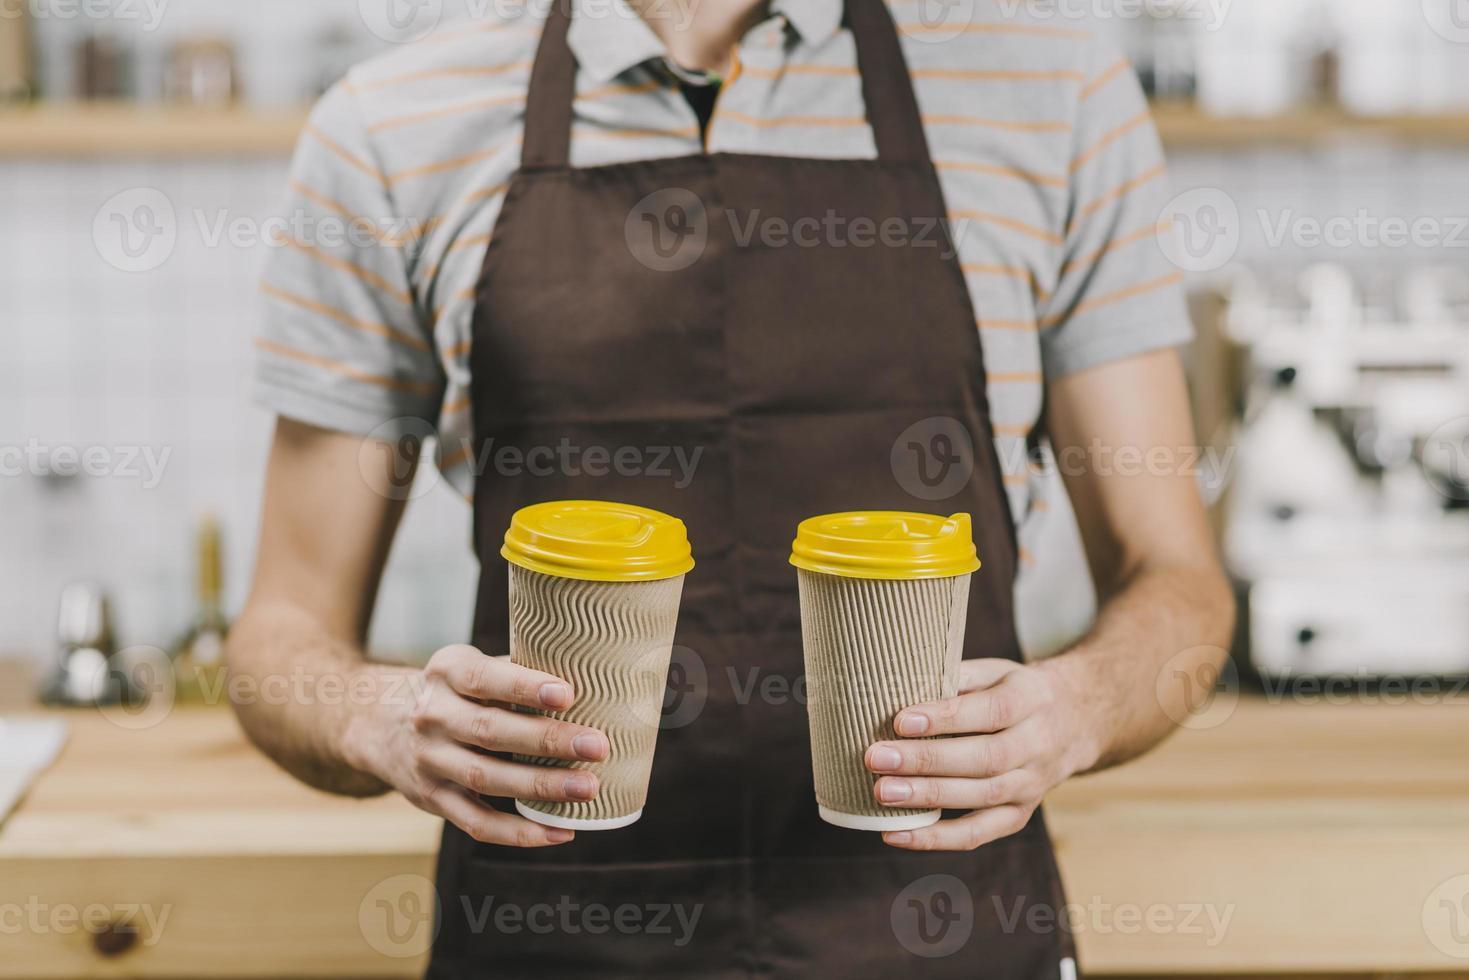 beskuren barista med varma drycker mot kameran foto